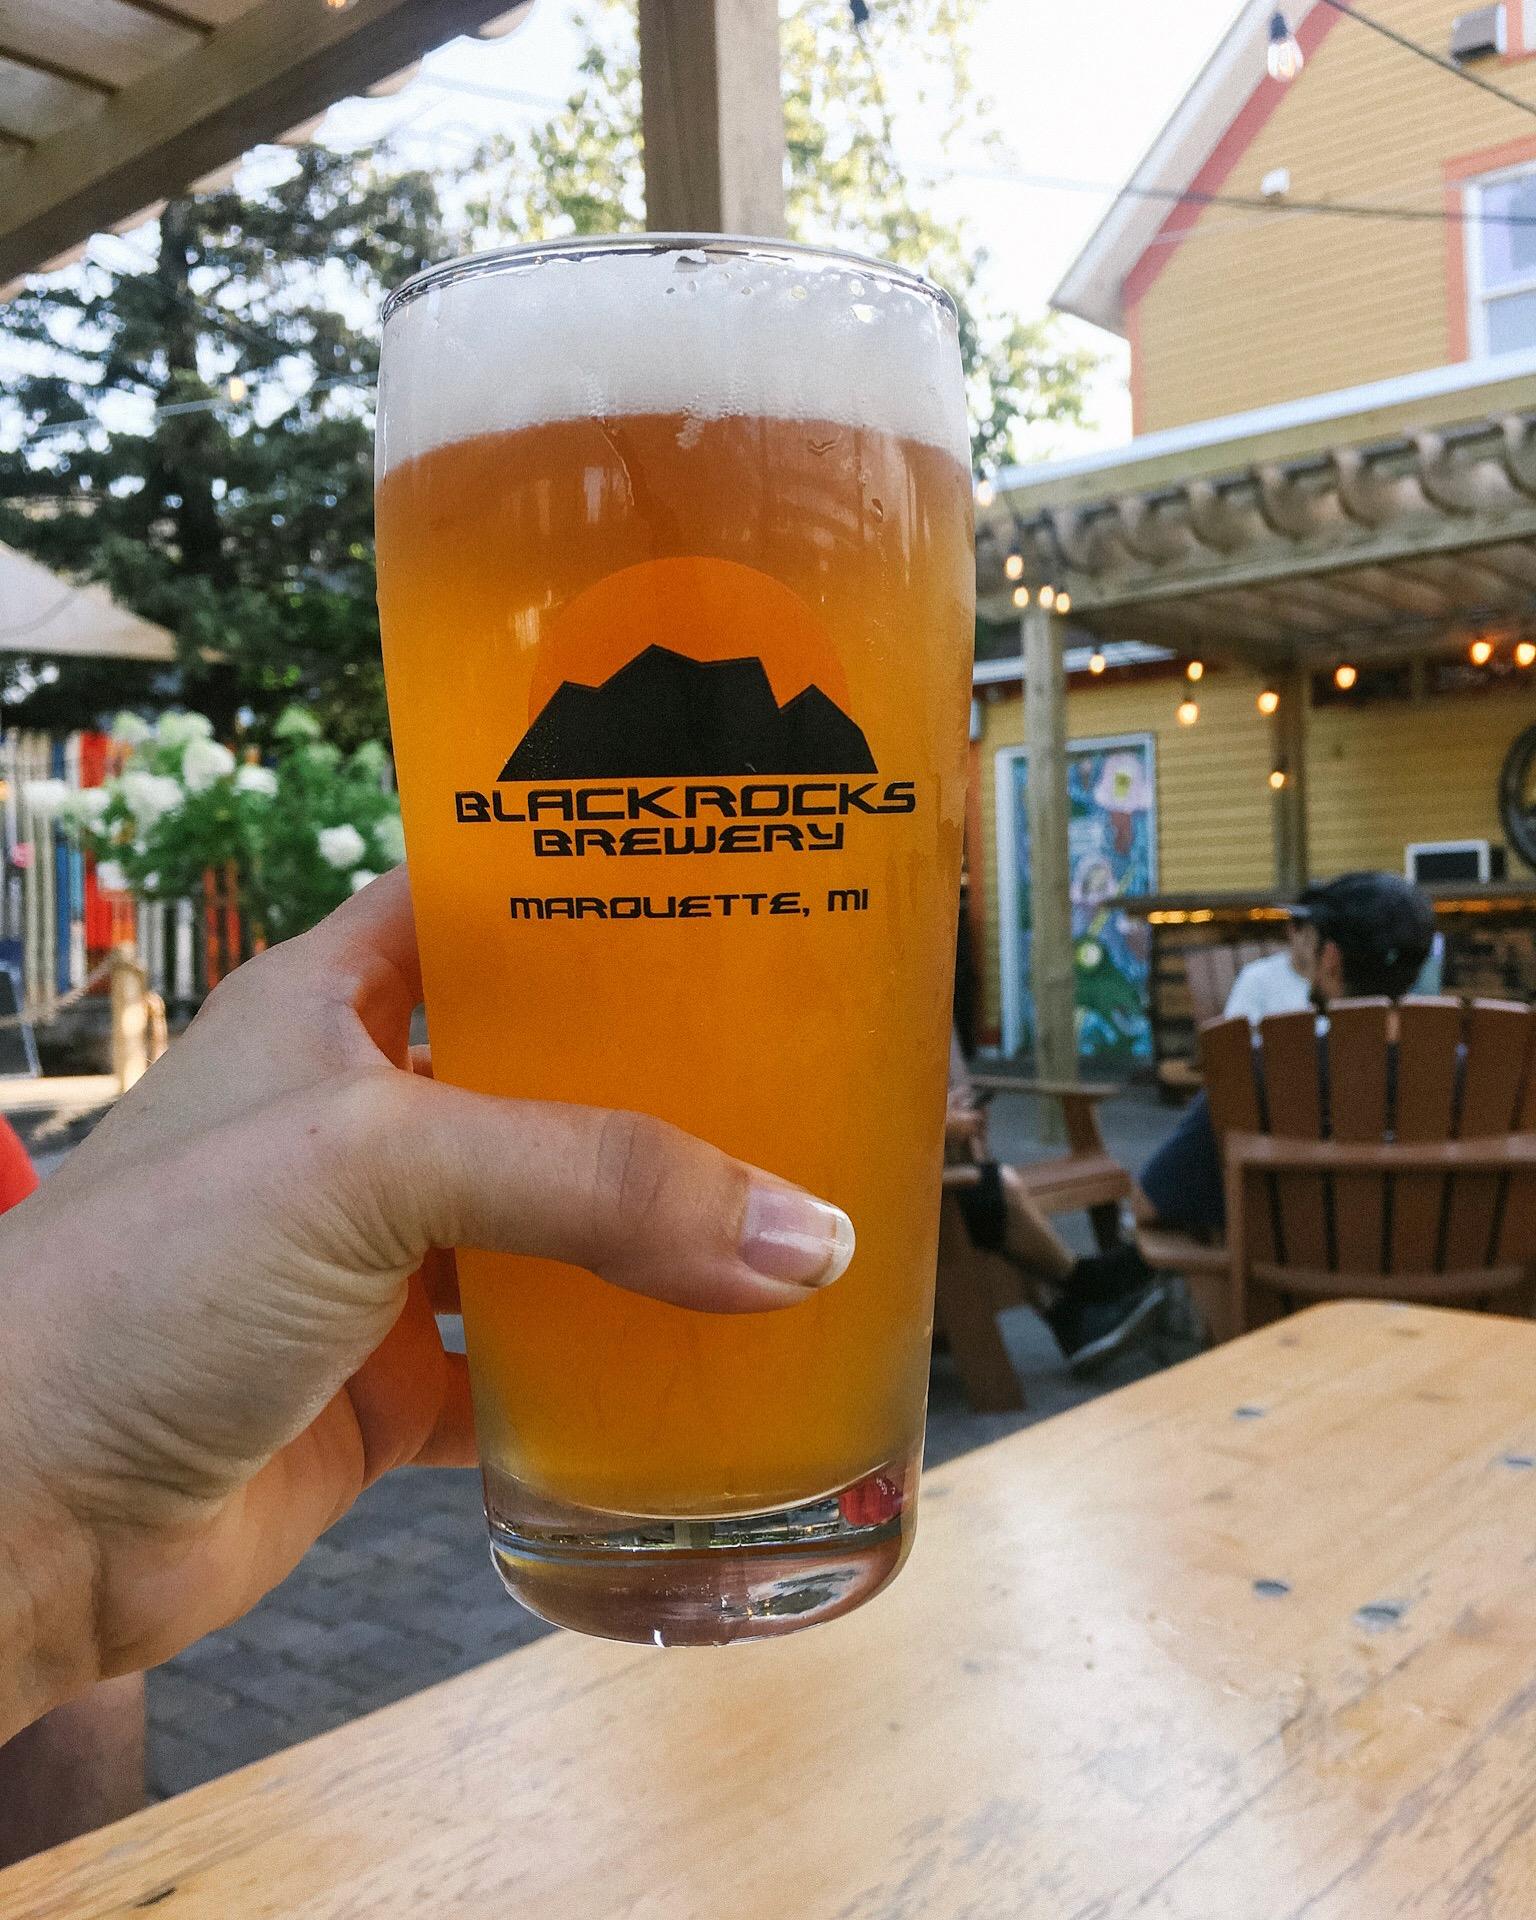 Blackrocks Brewery Patio, Marquette, Michigan #puremichigan #craftbeer